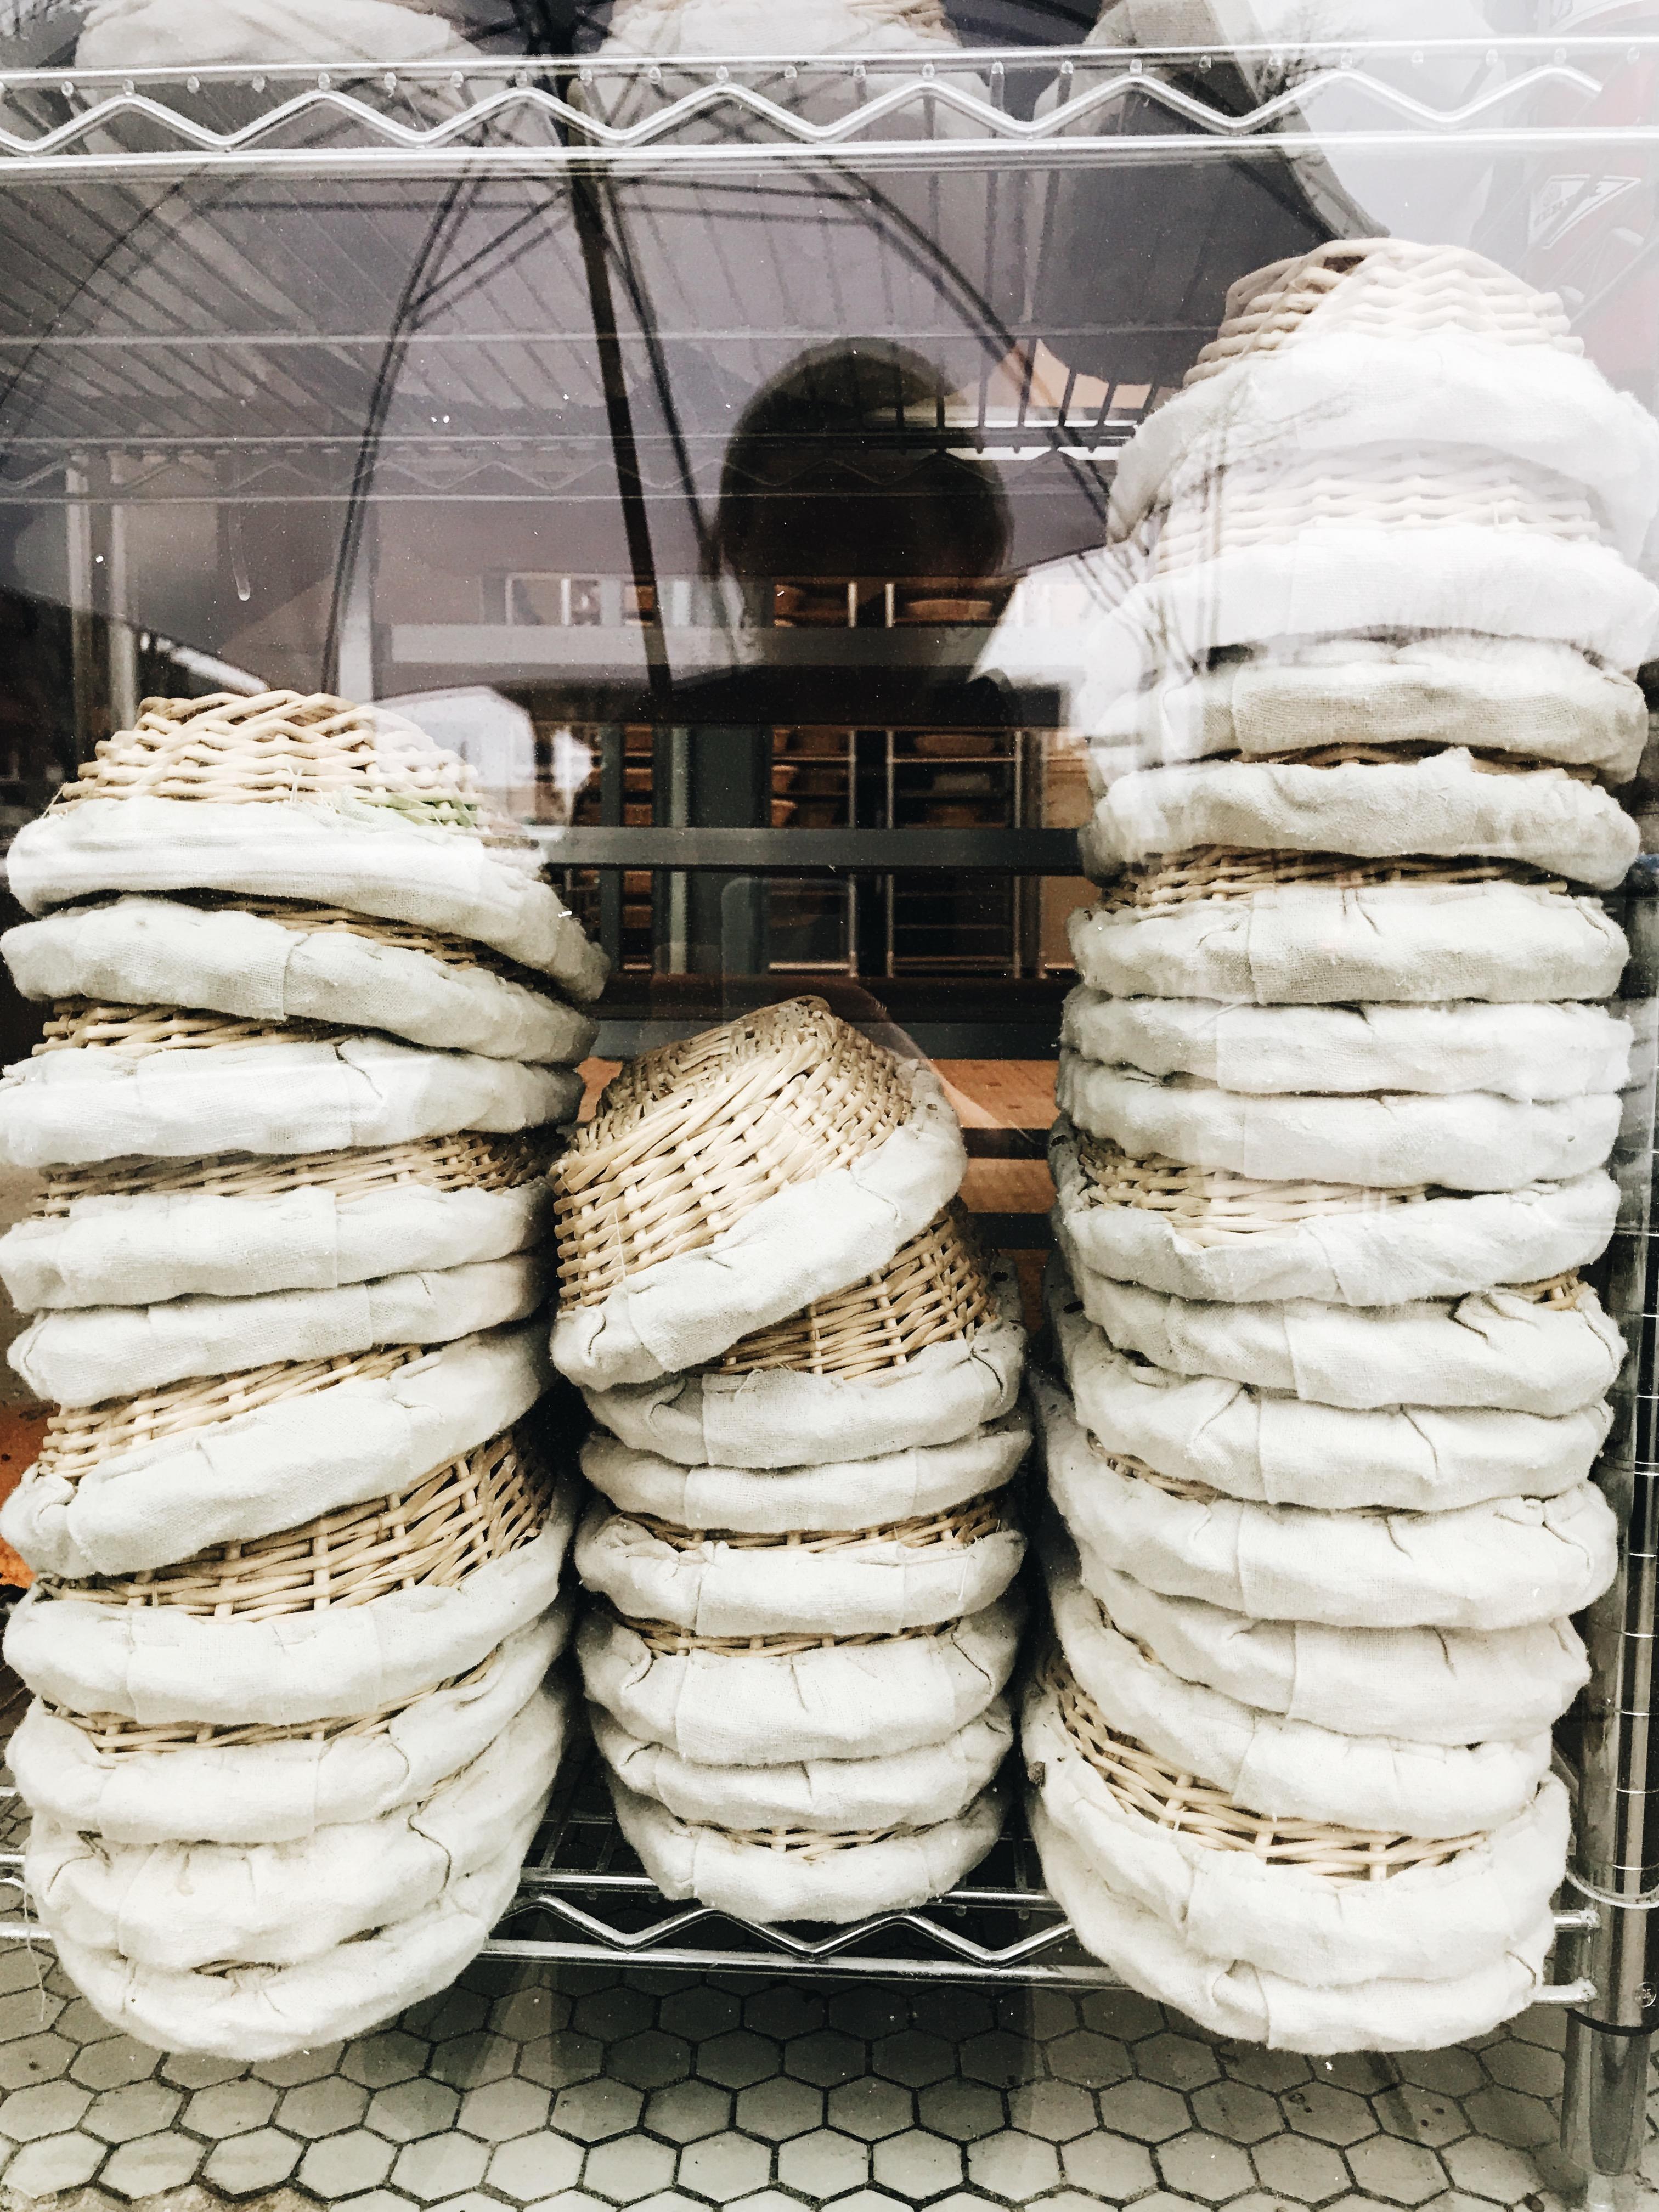 baskets in a window